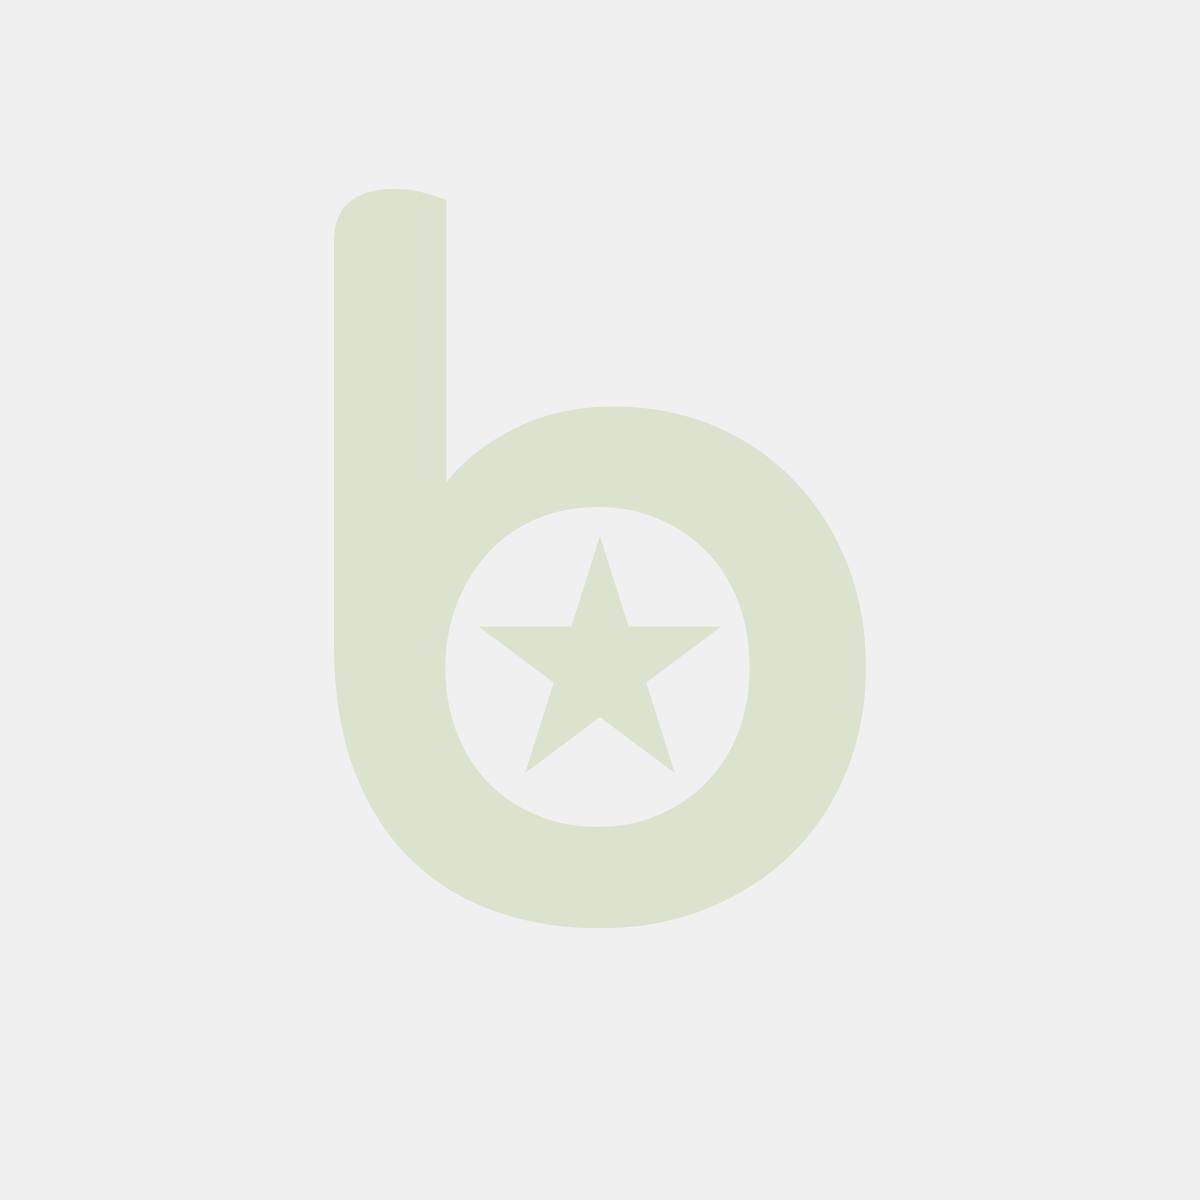 MEGLIO Sgrassatore odtłuszczacz 750ml - zestaw promocyjny